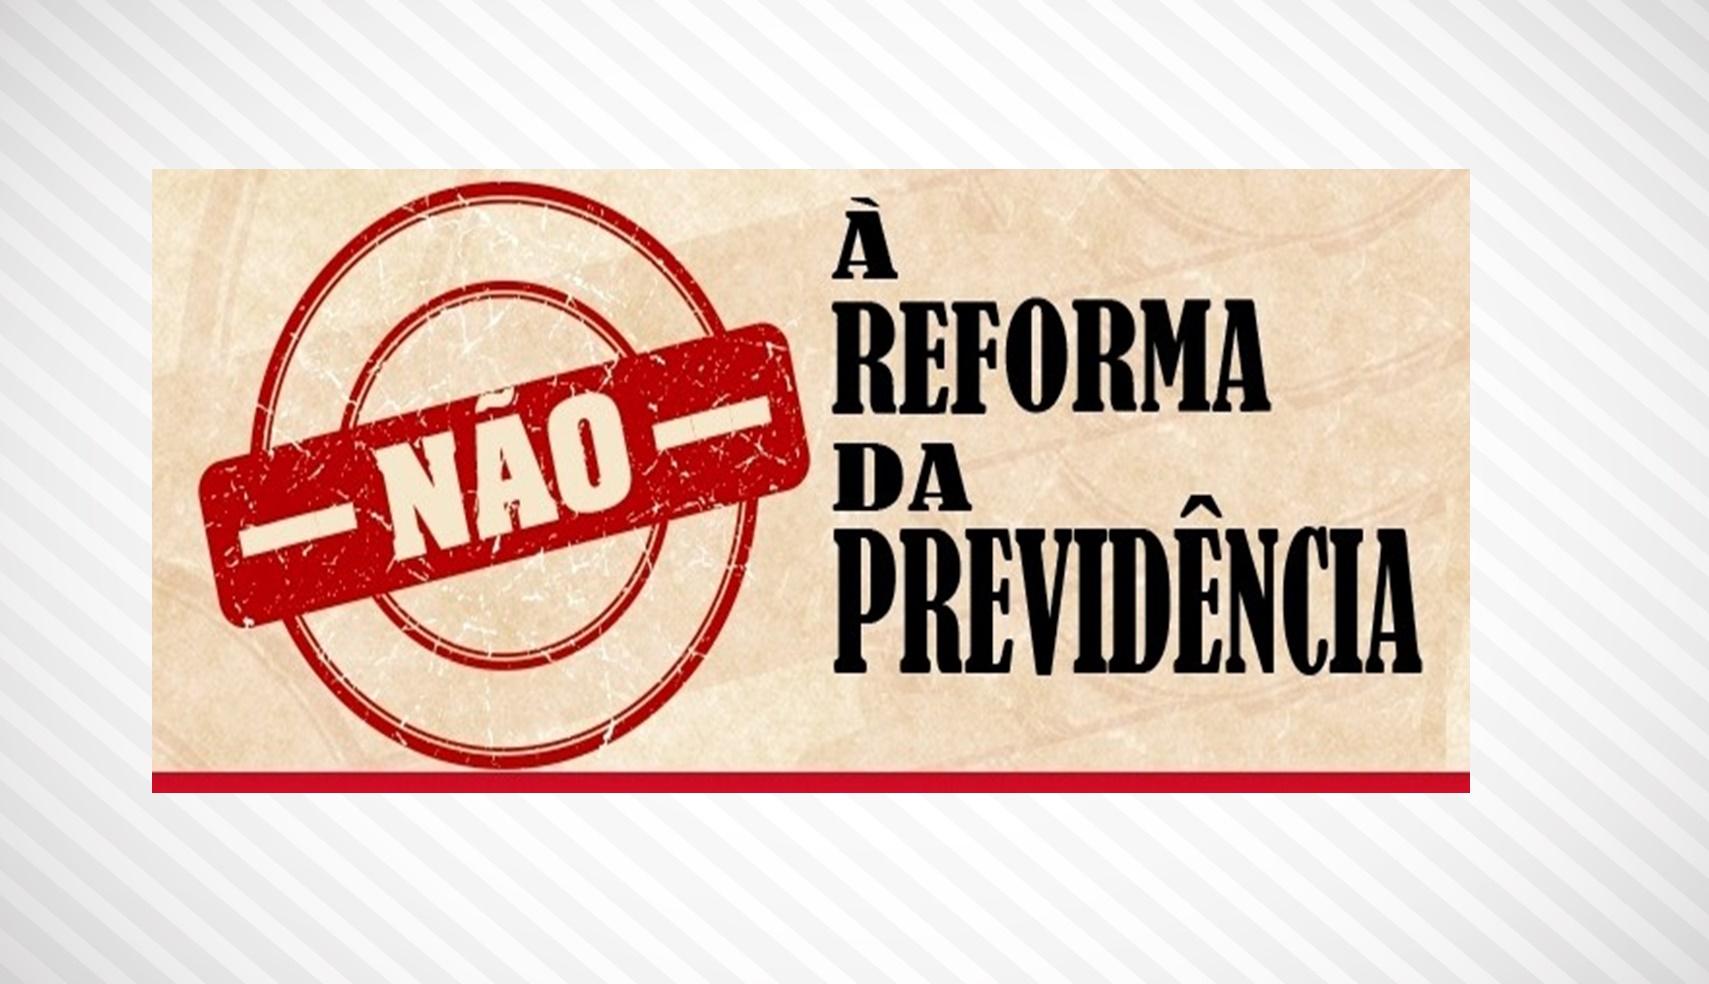 Assista ao vídeo sobre a reforma da previdência!!!